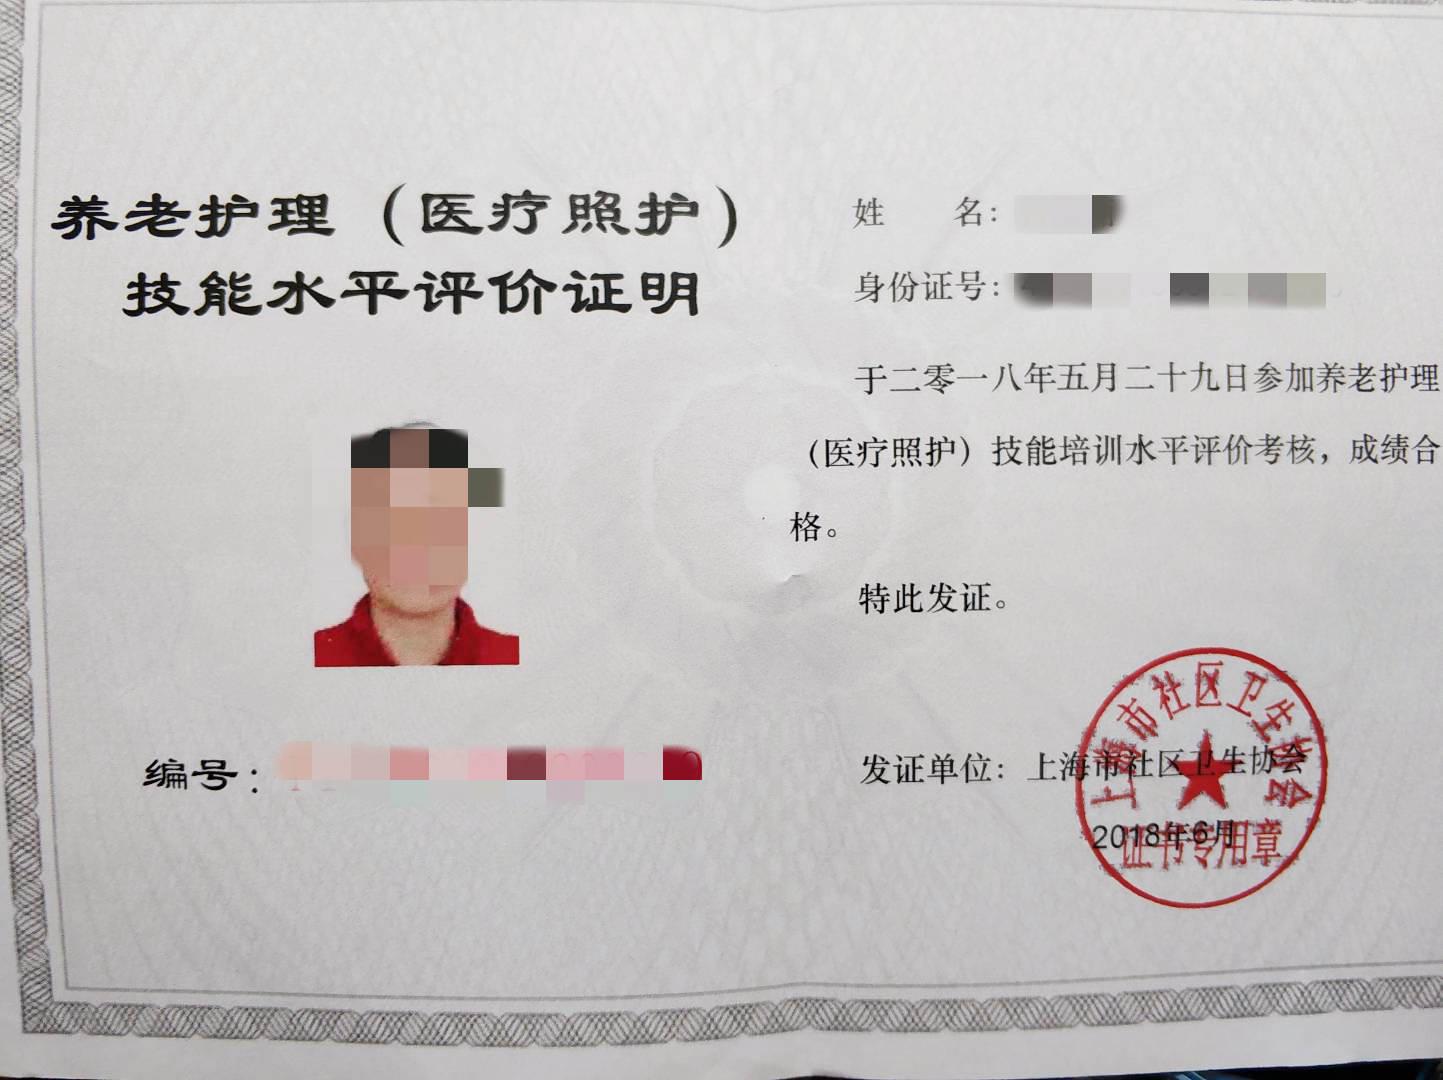 請住家護工哪家更好 上海倍愛健康管理供應